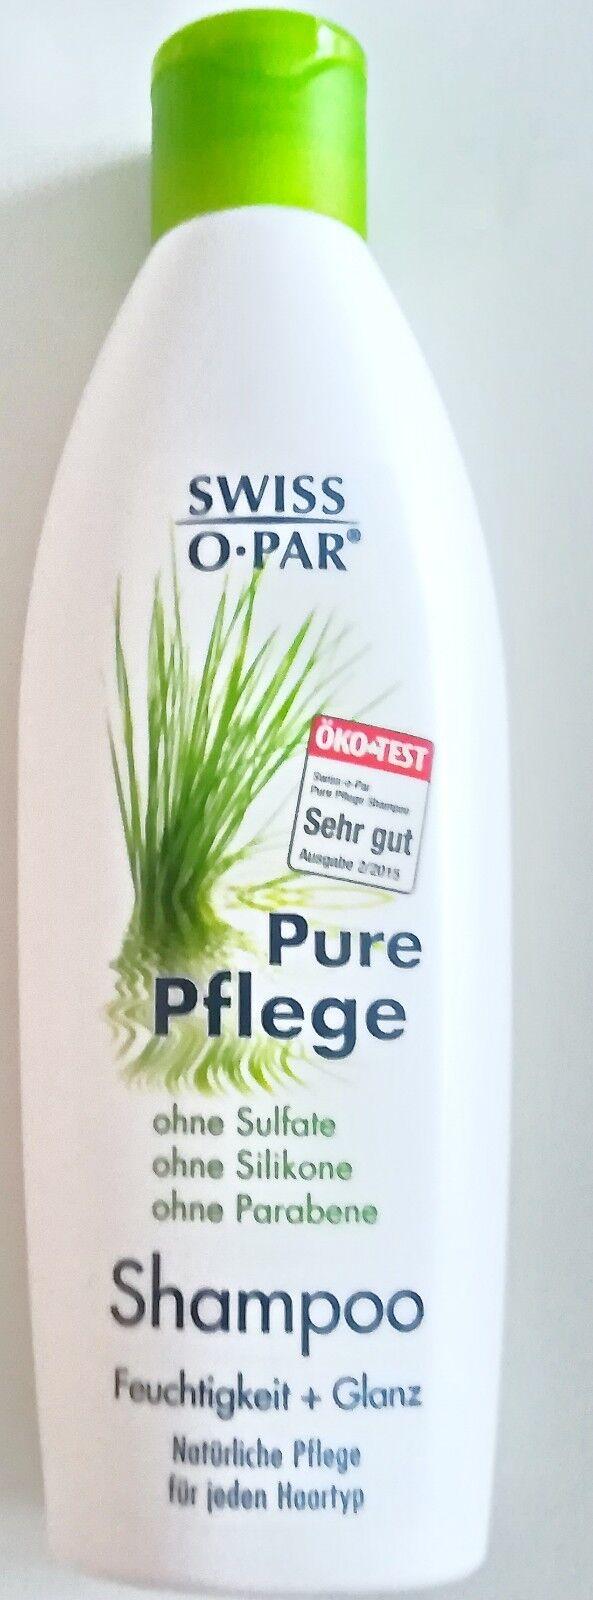 6 x Swiss-O-Par PURE PFLEGE SHAMPOO für Feuchtigkeit + seidigen Glanz 250ml